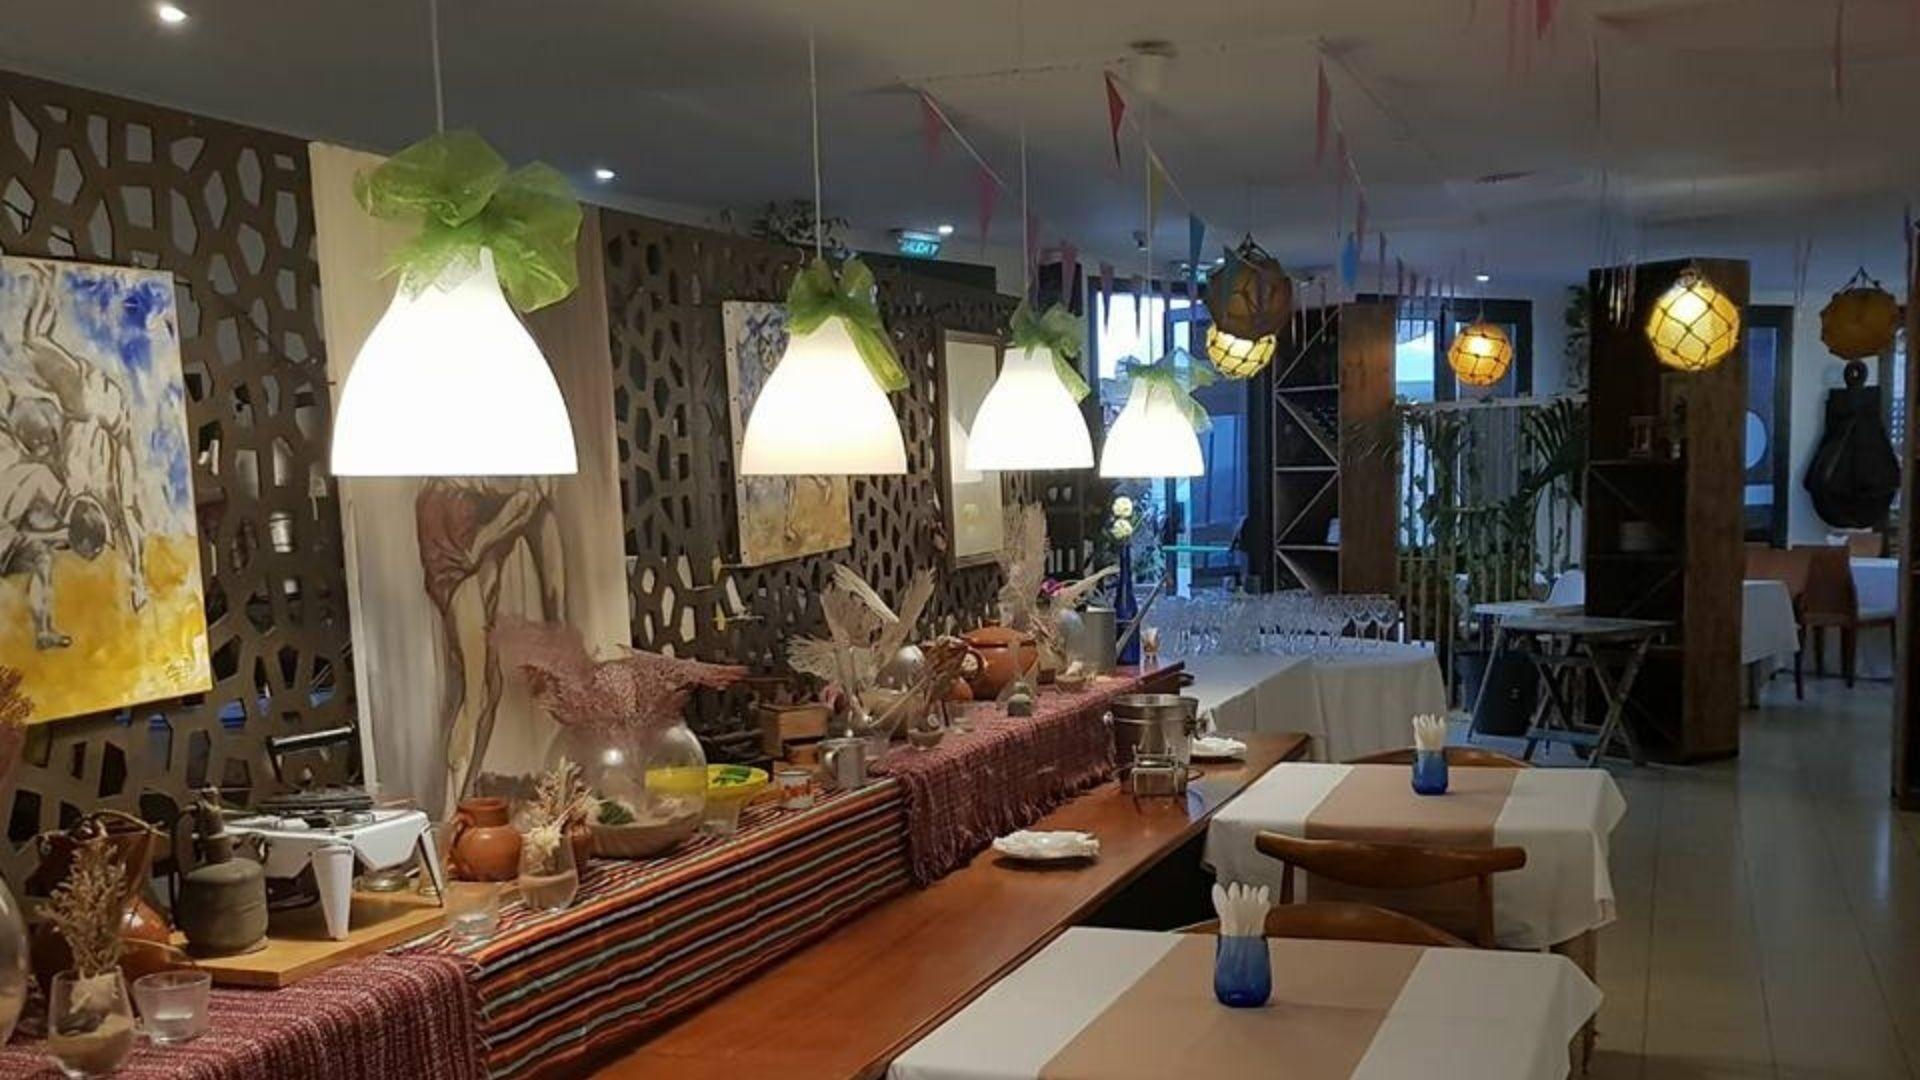 Restaurante con música en vivo Las Palmas de Gran Canaria